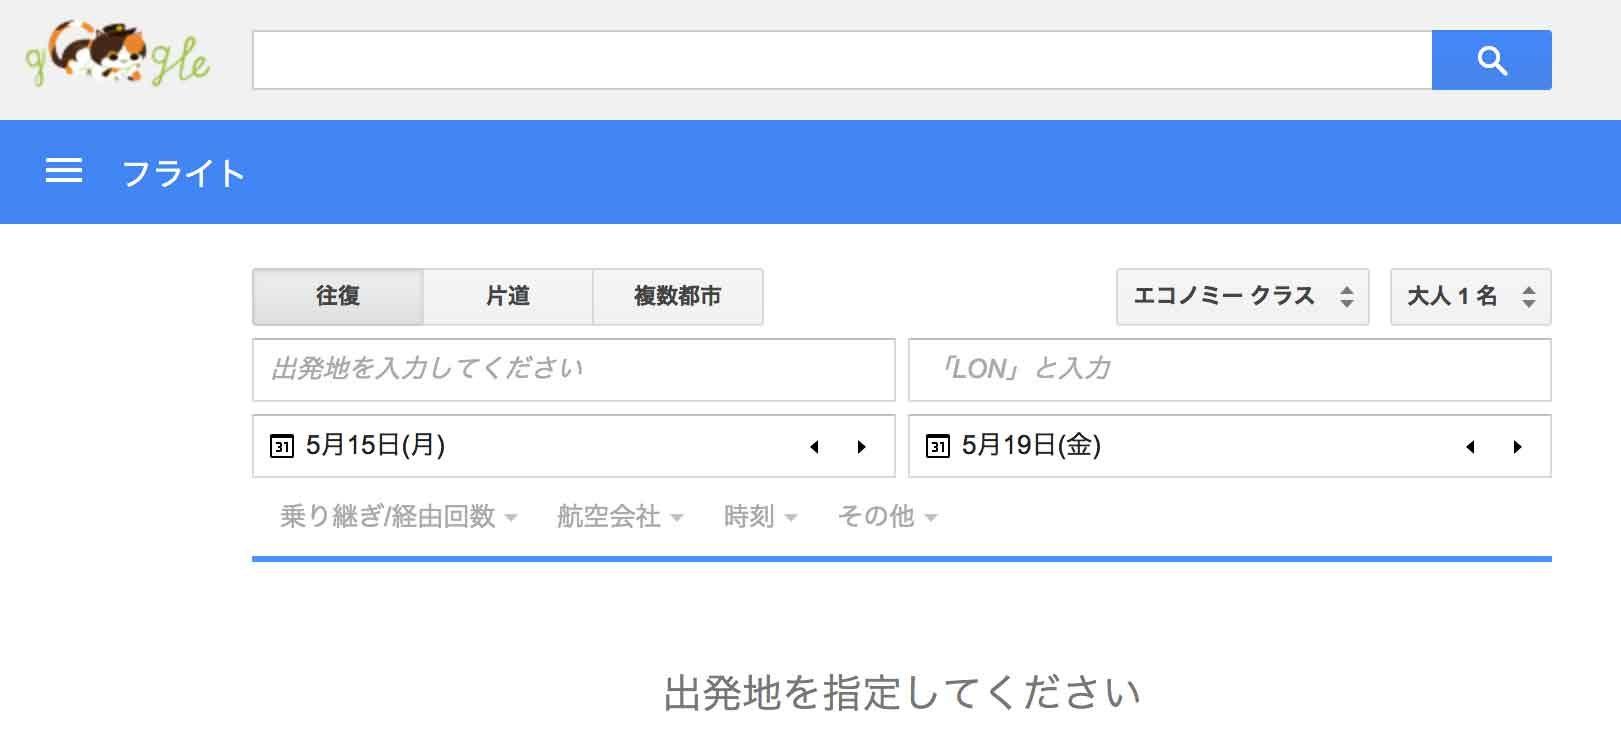 フライト検索